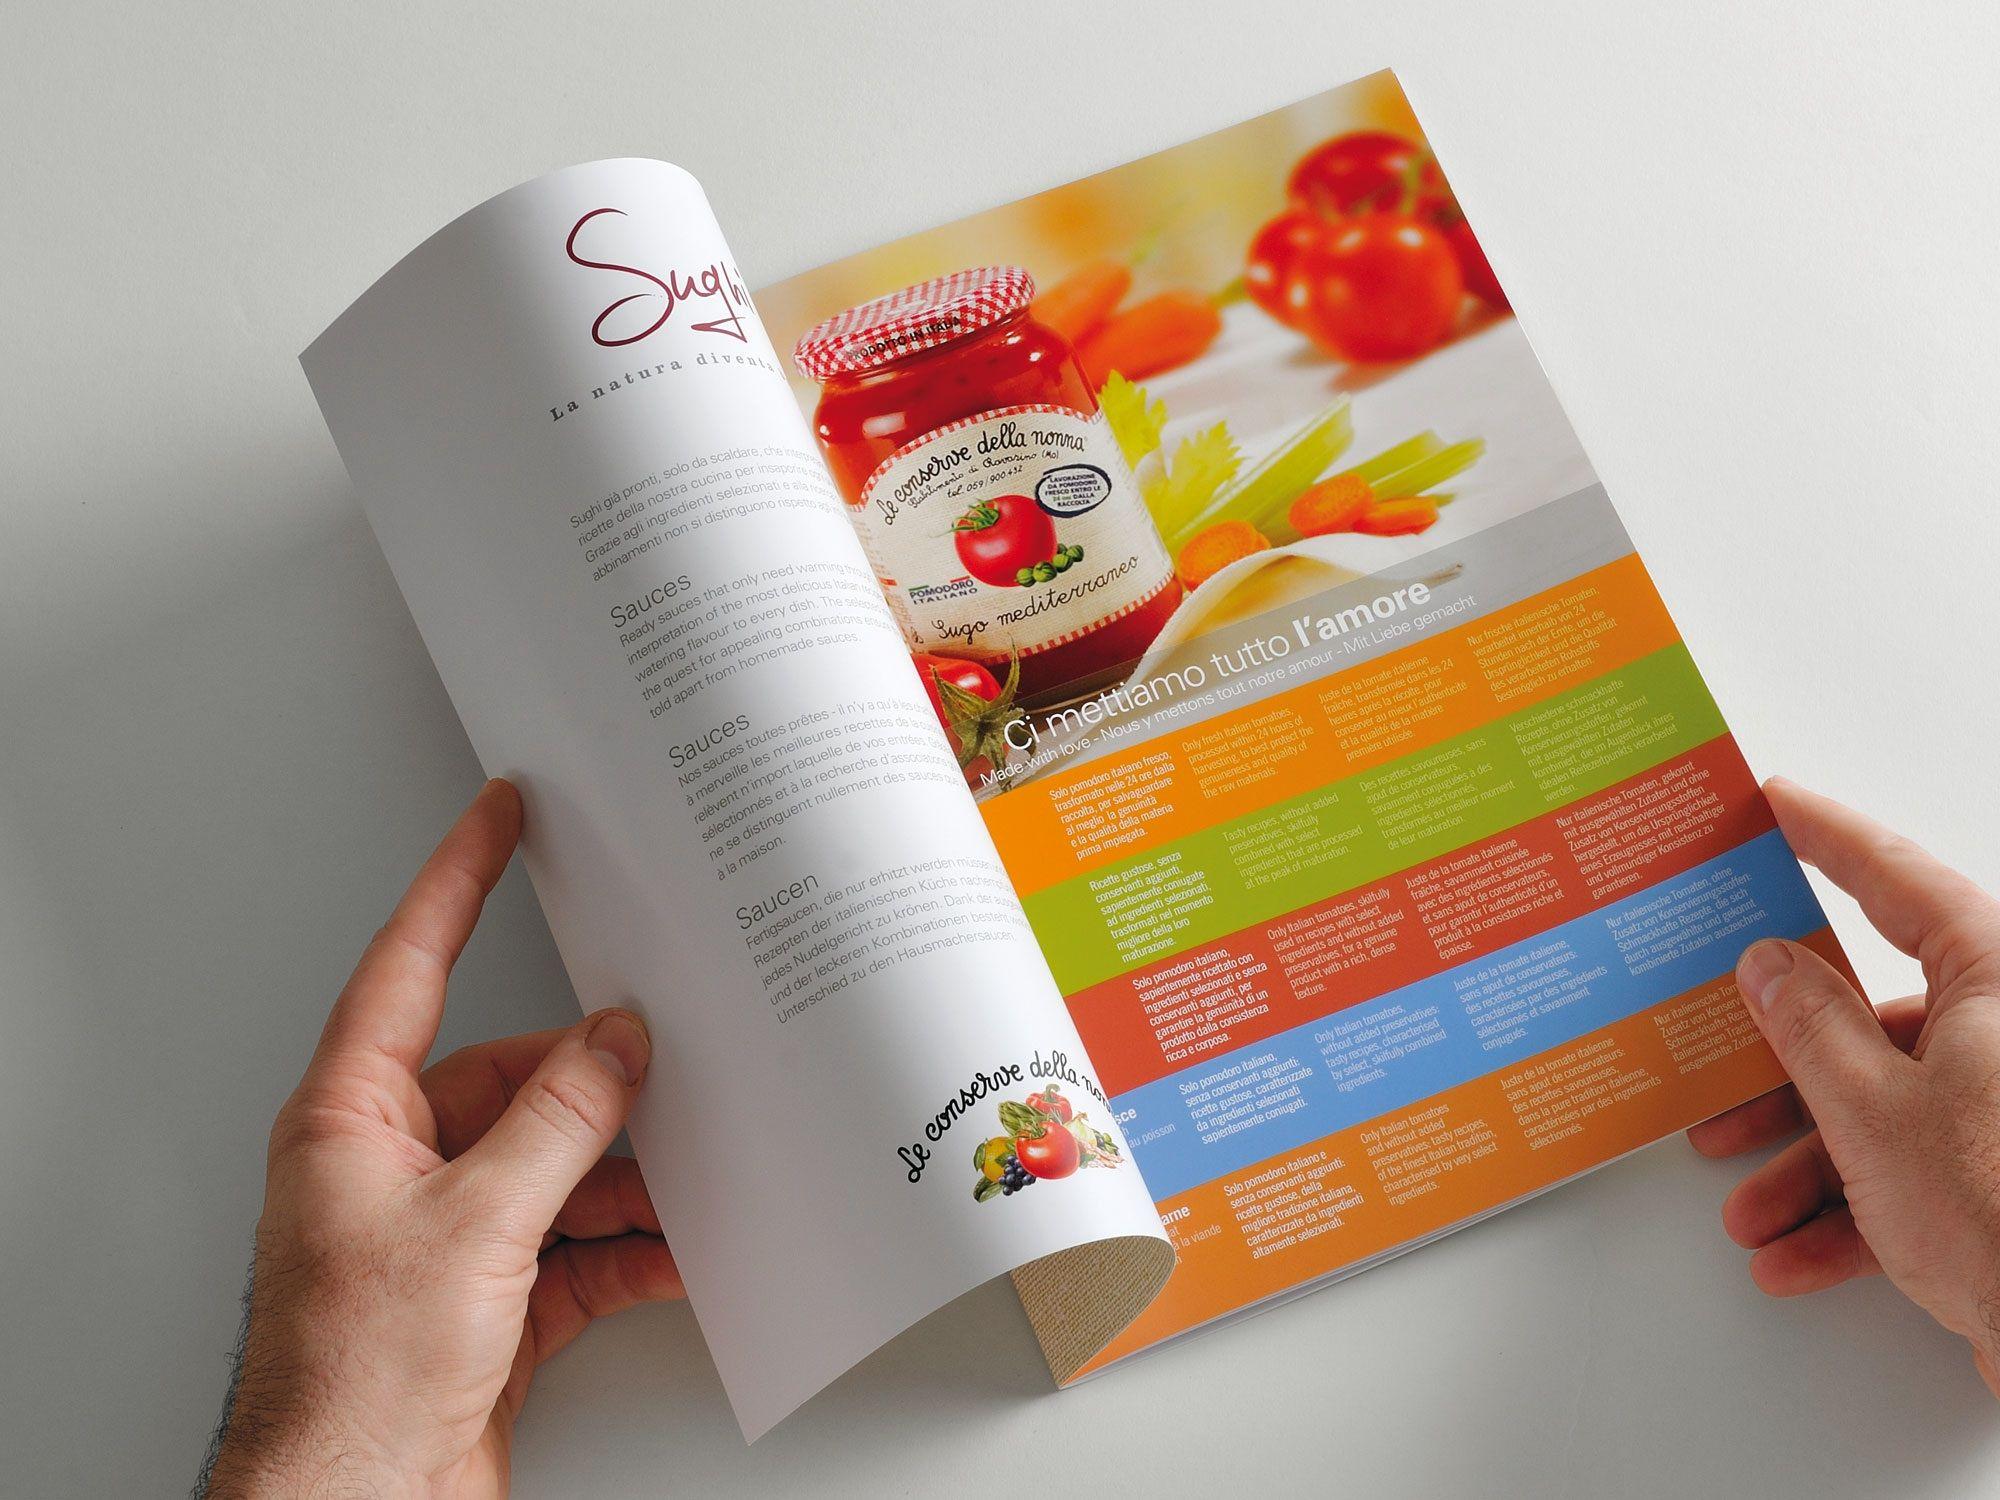 Le Conserve della Nonna / Key Business / Perugia / Graphic Design Agency